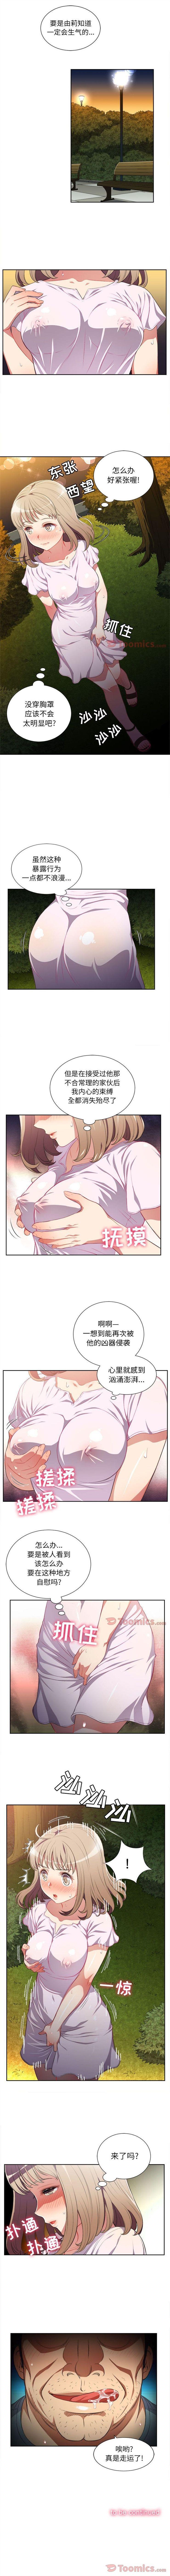 由莉的秘密1-60 中文翻译 (更新中) 214